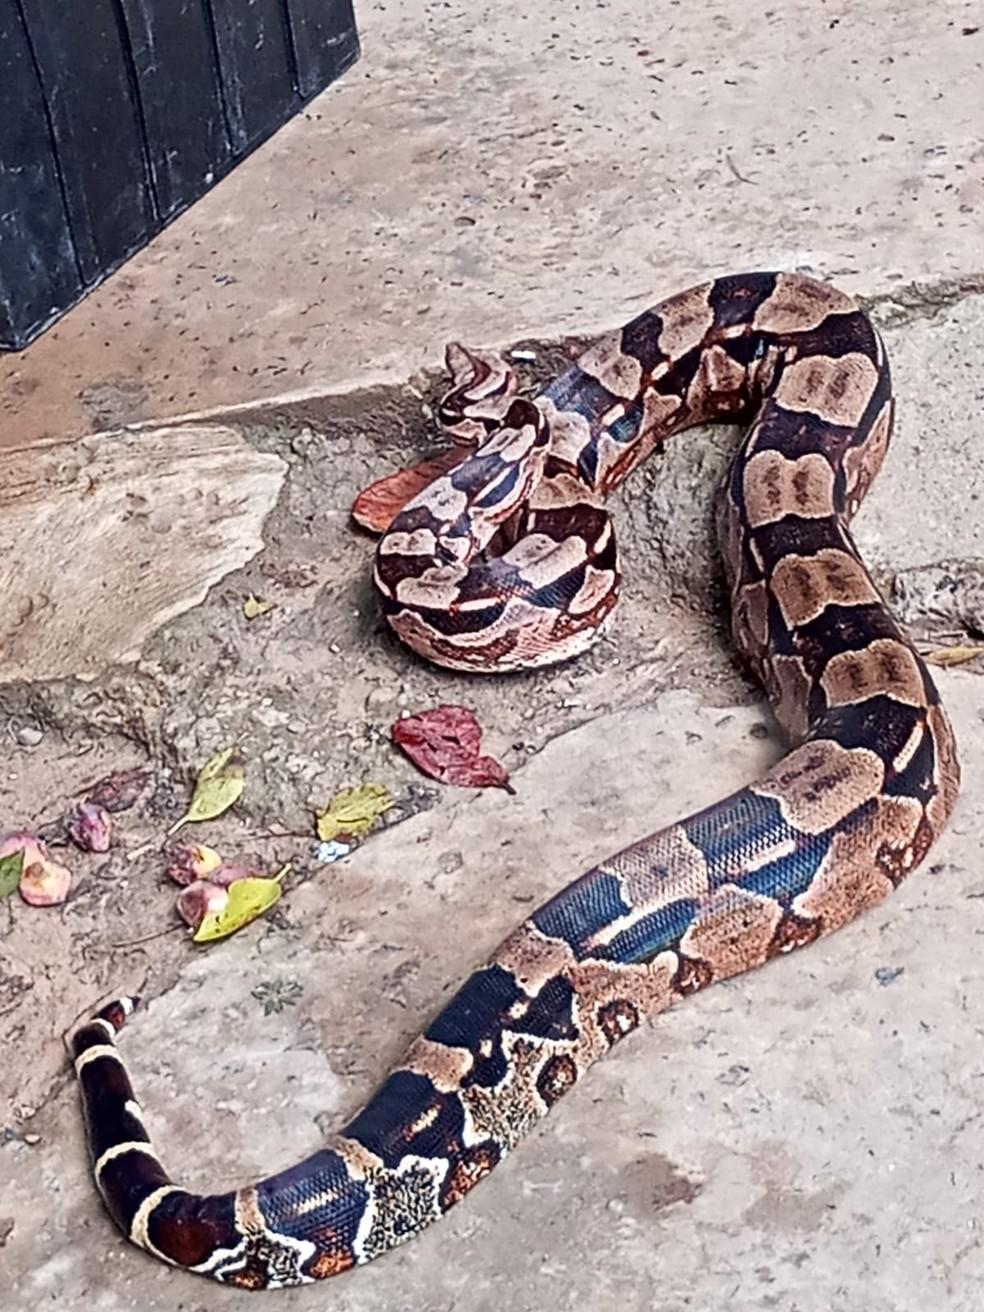 Três serpentes entre 1,5 e 2,5 metros são resgatadas em bairros de Salvador em menos de 24 horas — Foto: Divulgação / Guarda Municipal de Salvador